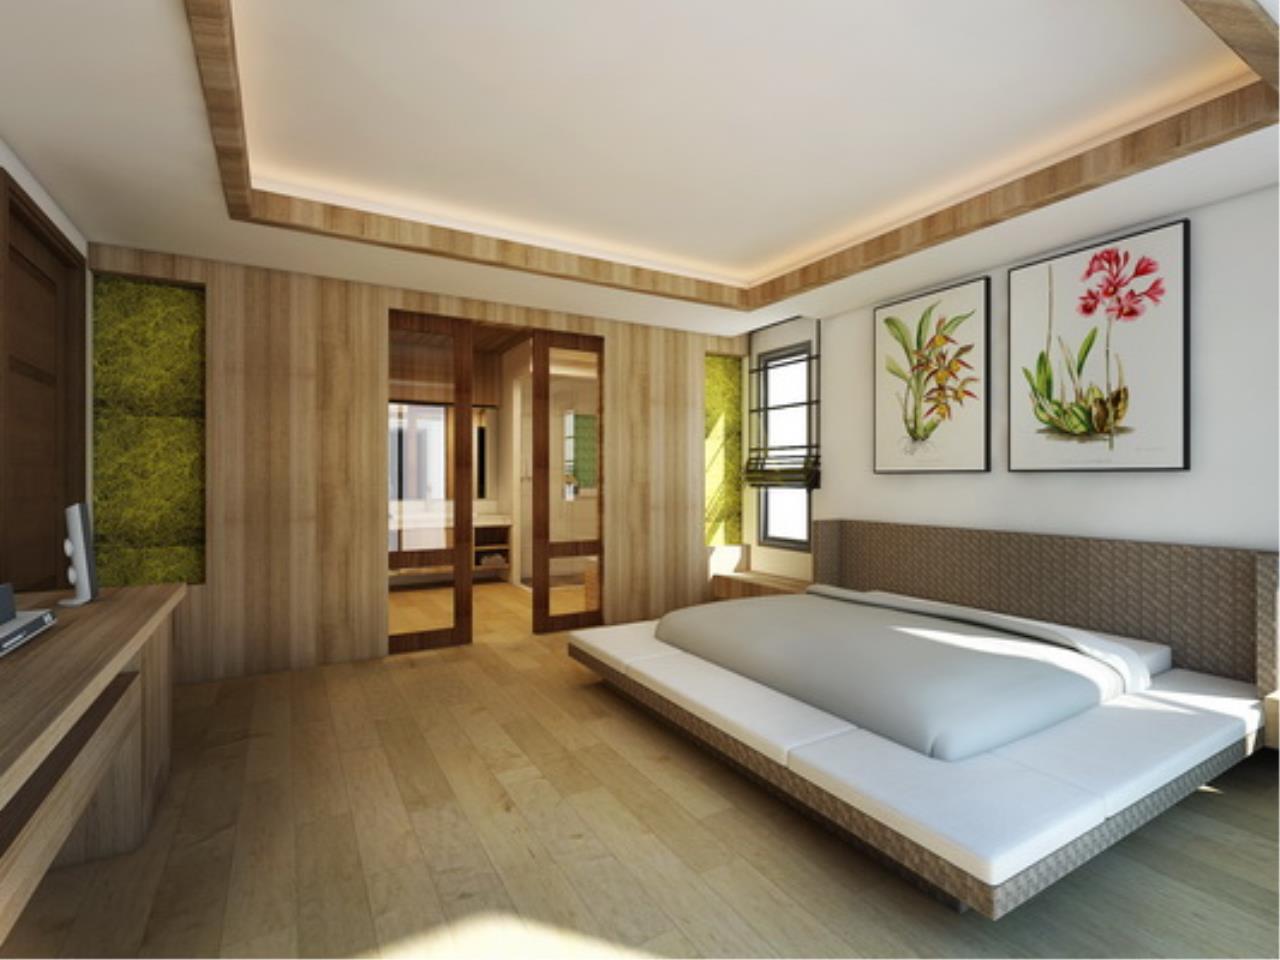 REAL Phuket  Agency's Botanica Villas (Phase III) - Contemporary 3-Bedroom Pool Villa at Layan Beach 2